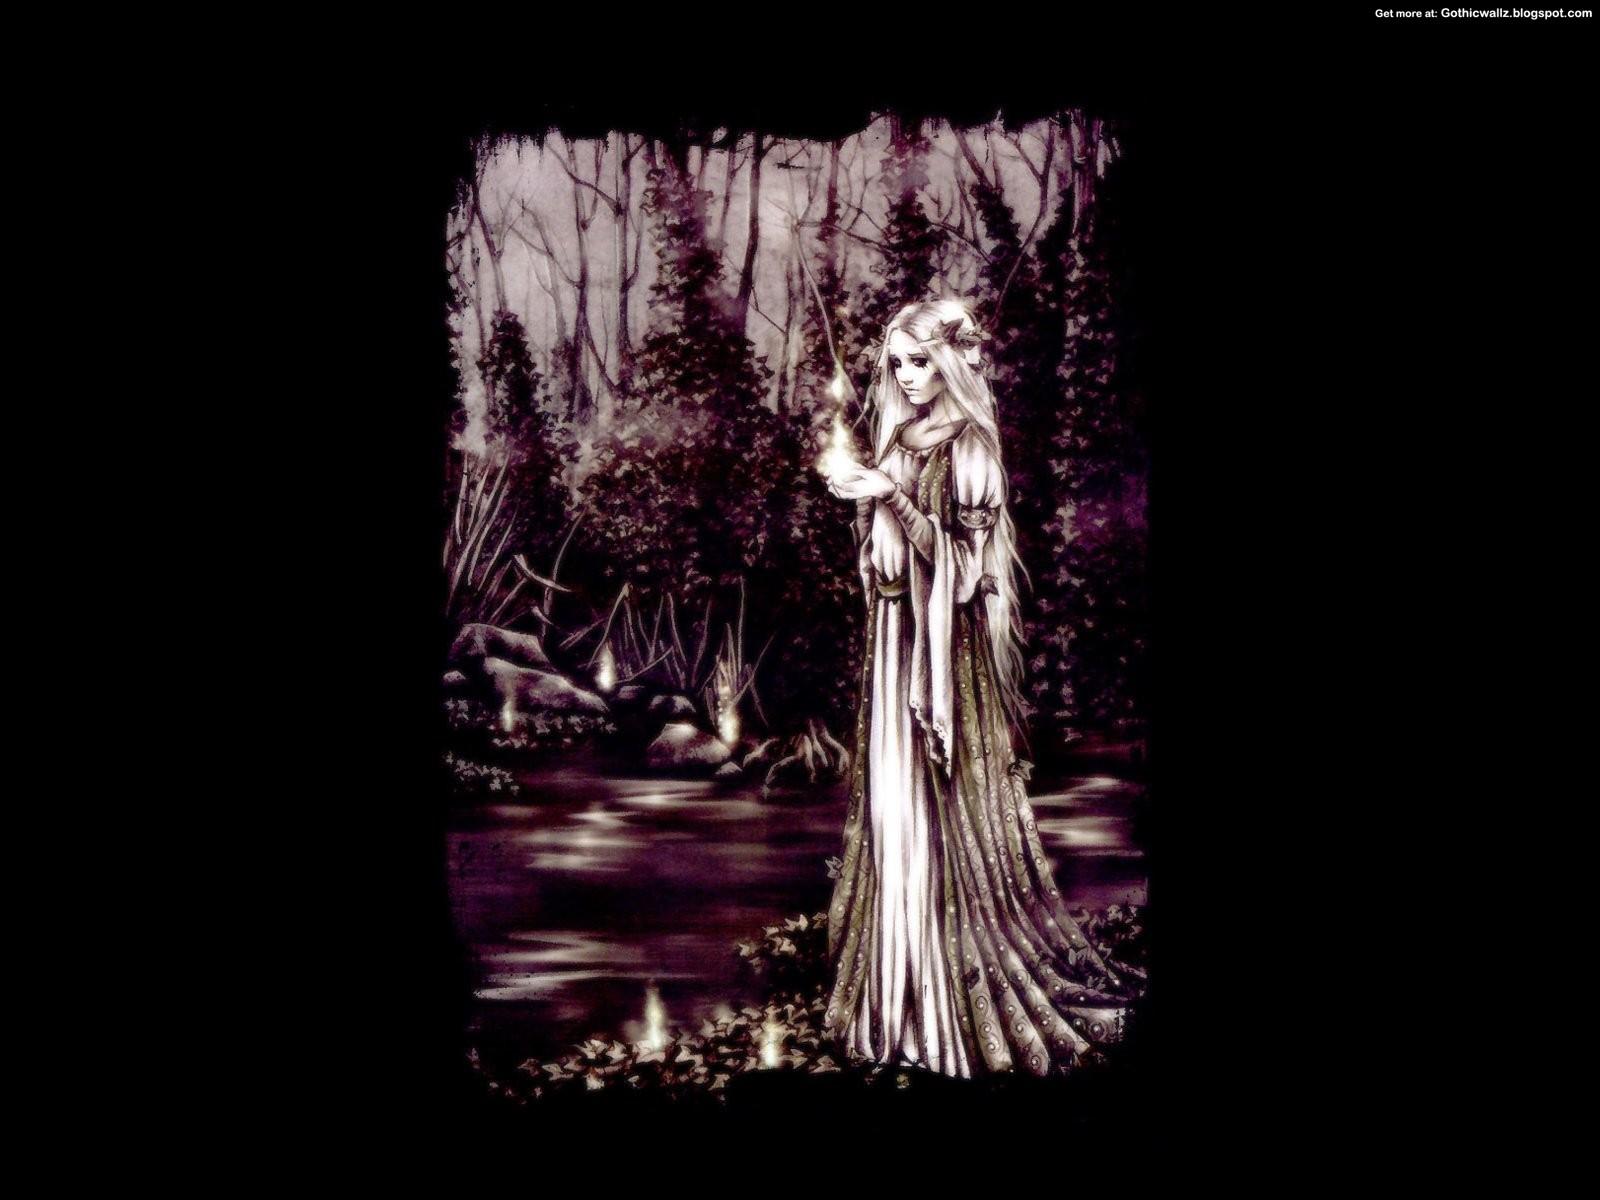 Gothicwallz-Darkness.jpg